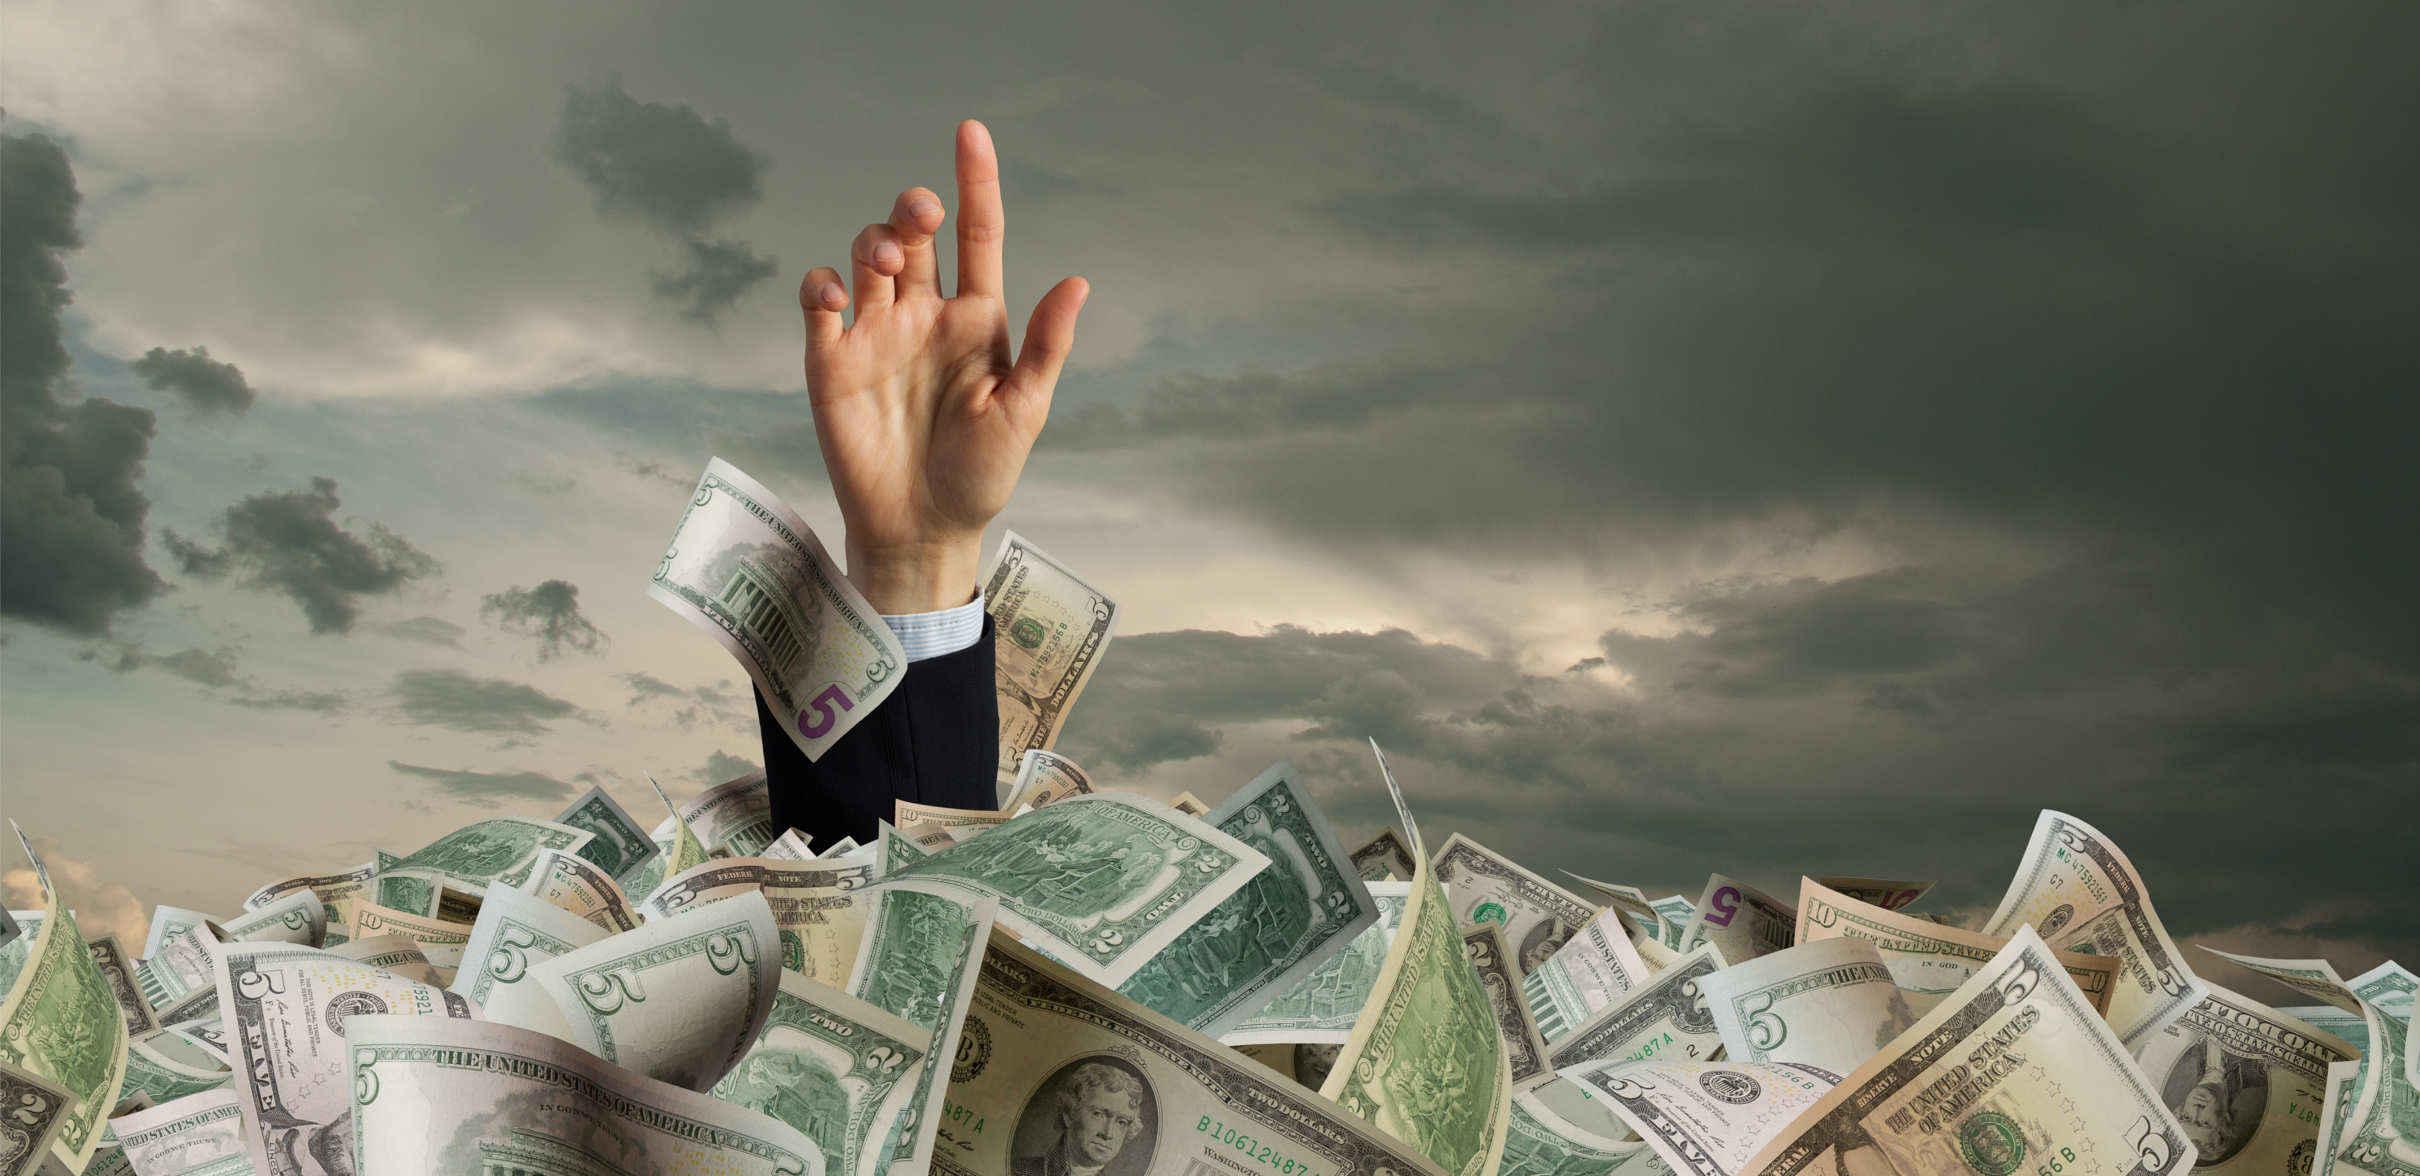 Tether transformou $50 milhões em $5 bi em questão de minutos, veja como